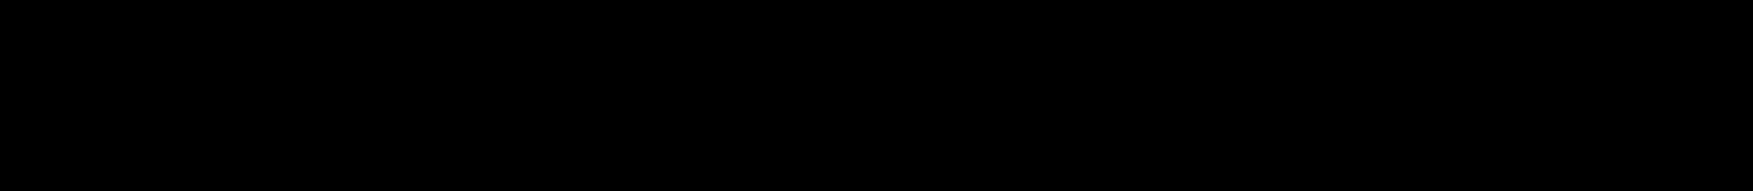 Estandar Light Italic